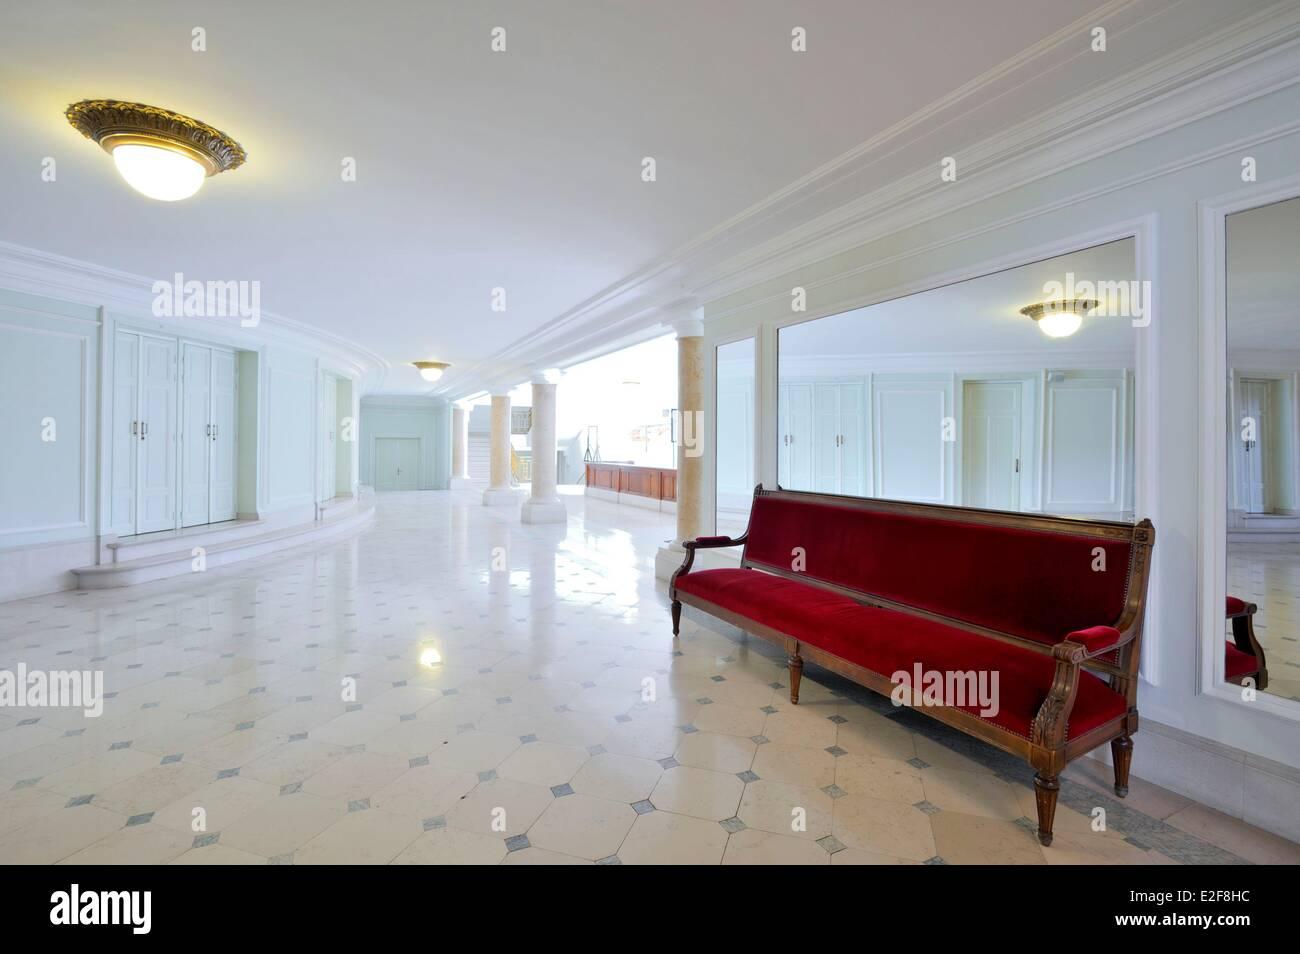 Lungo Il Corridoio In Inglese : Francia nord lille lille opera lungo divano rosso appoggiata